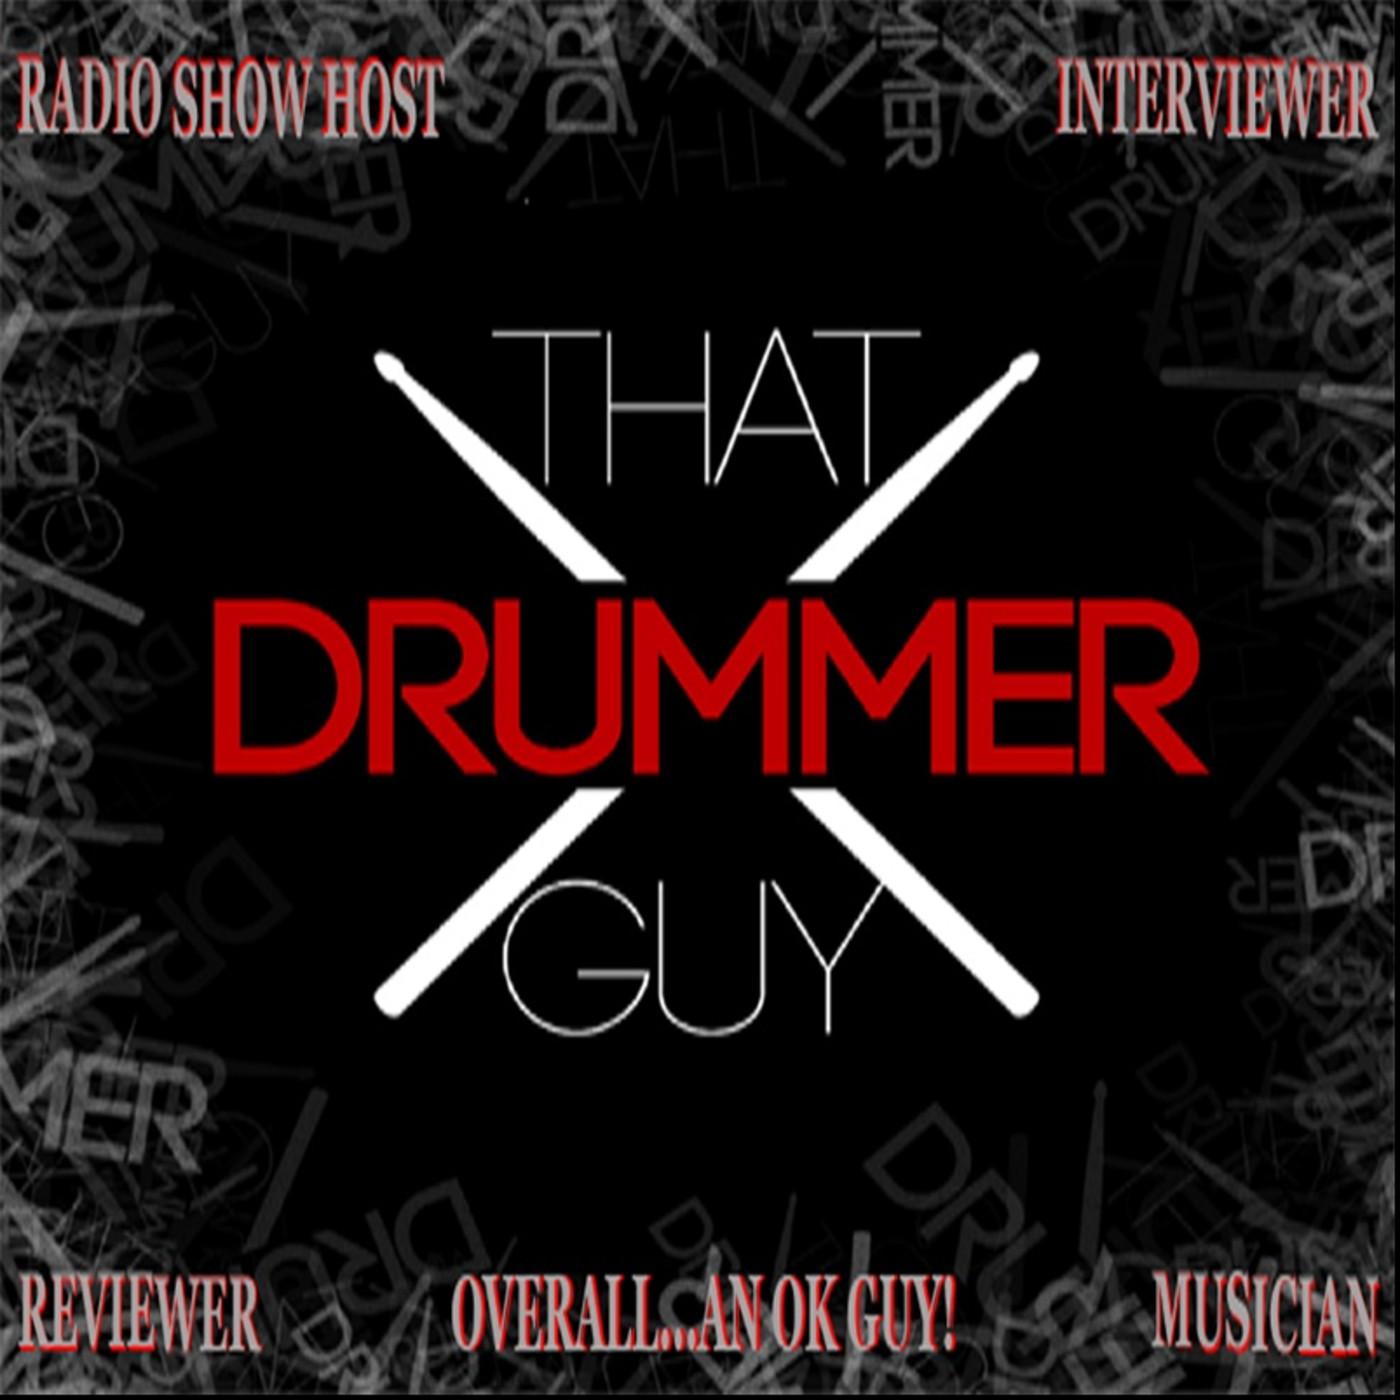 That Drummer Guy's tracks